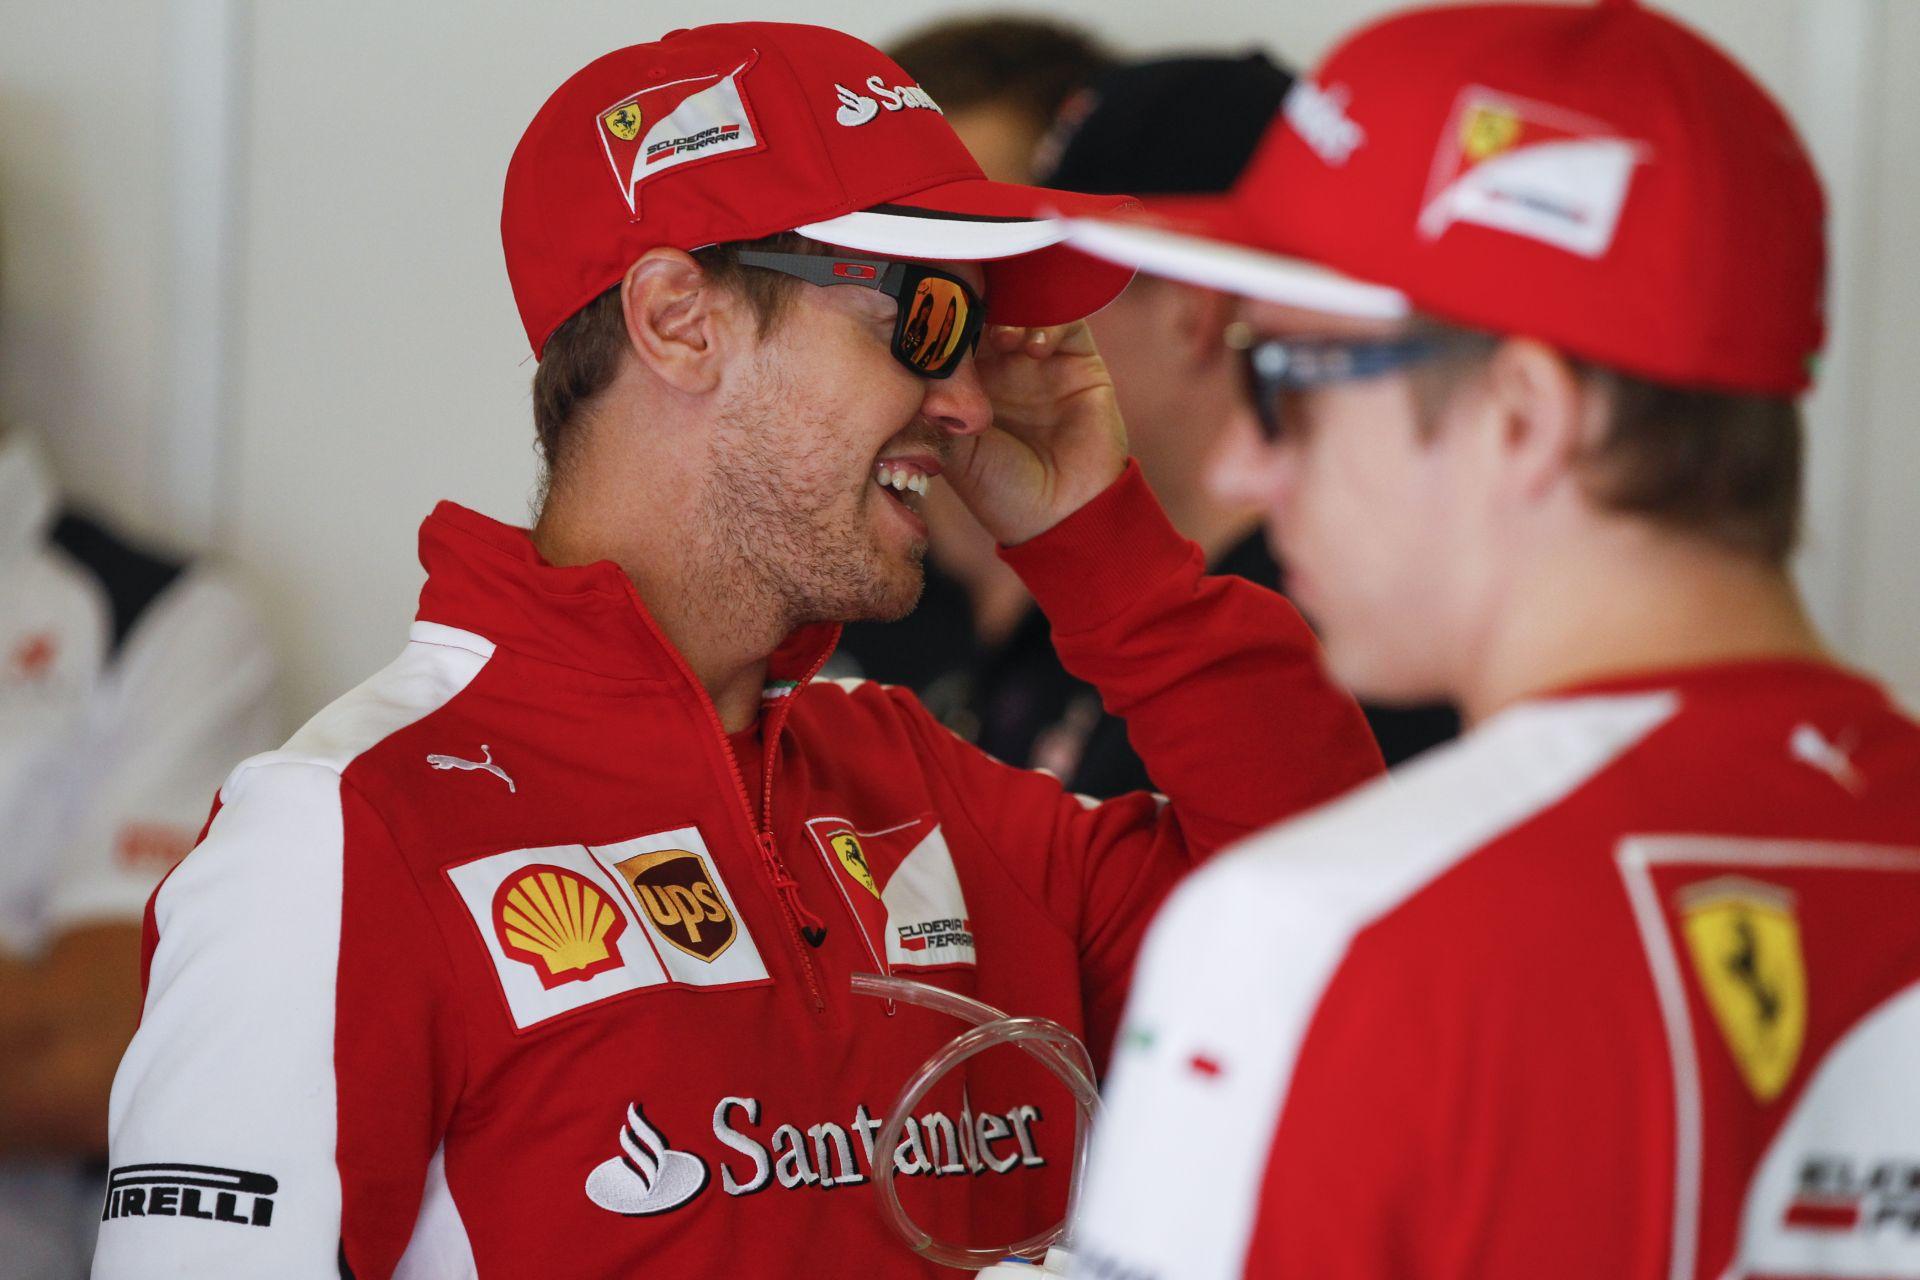 Vettel: Az emberek ugyanazt csinálják most Kimivel, mint velem 1 évvel ezelőtt